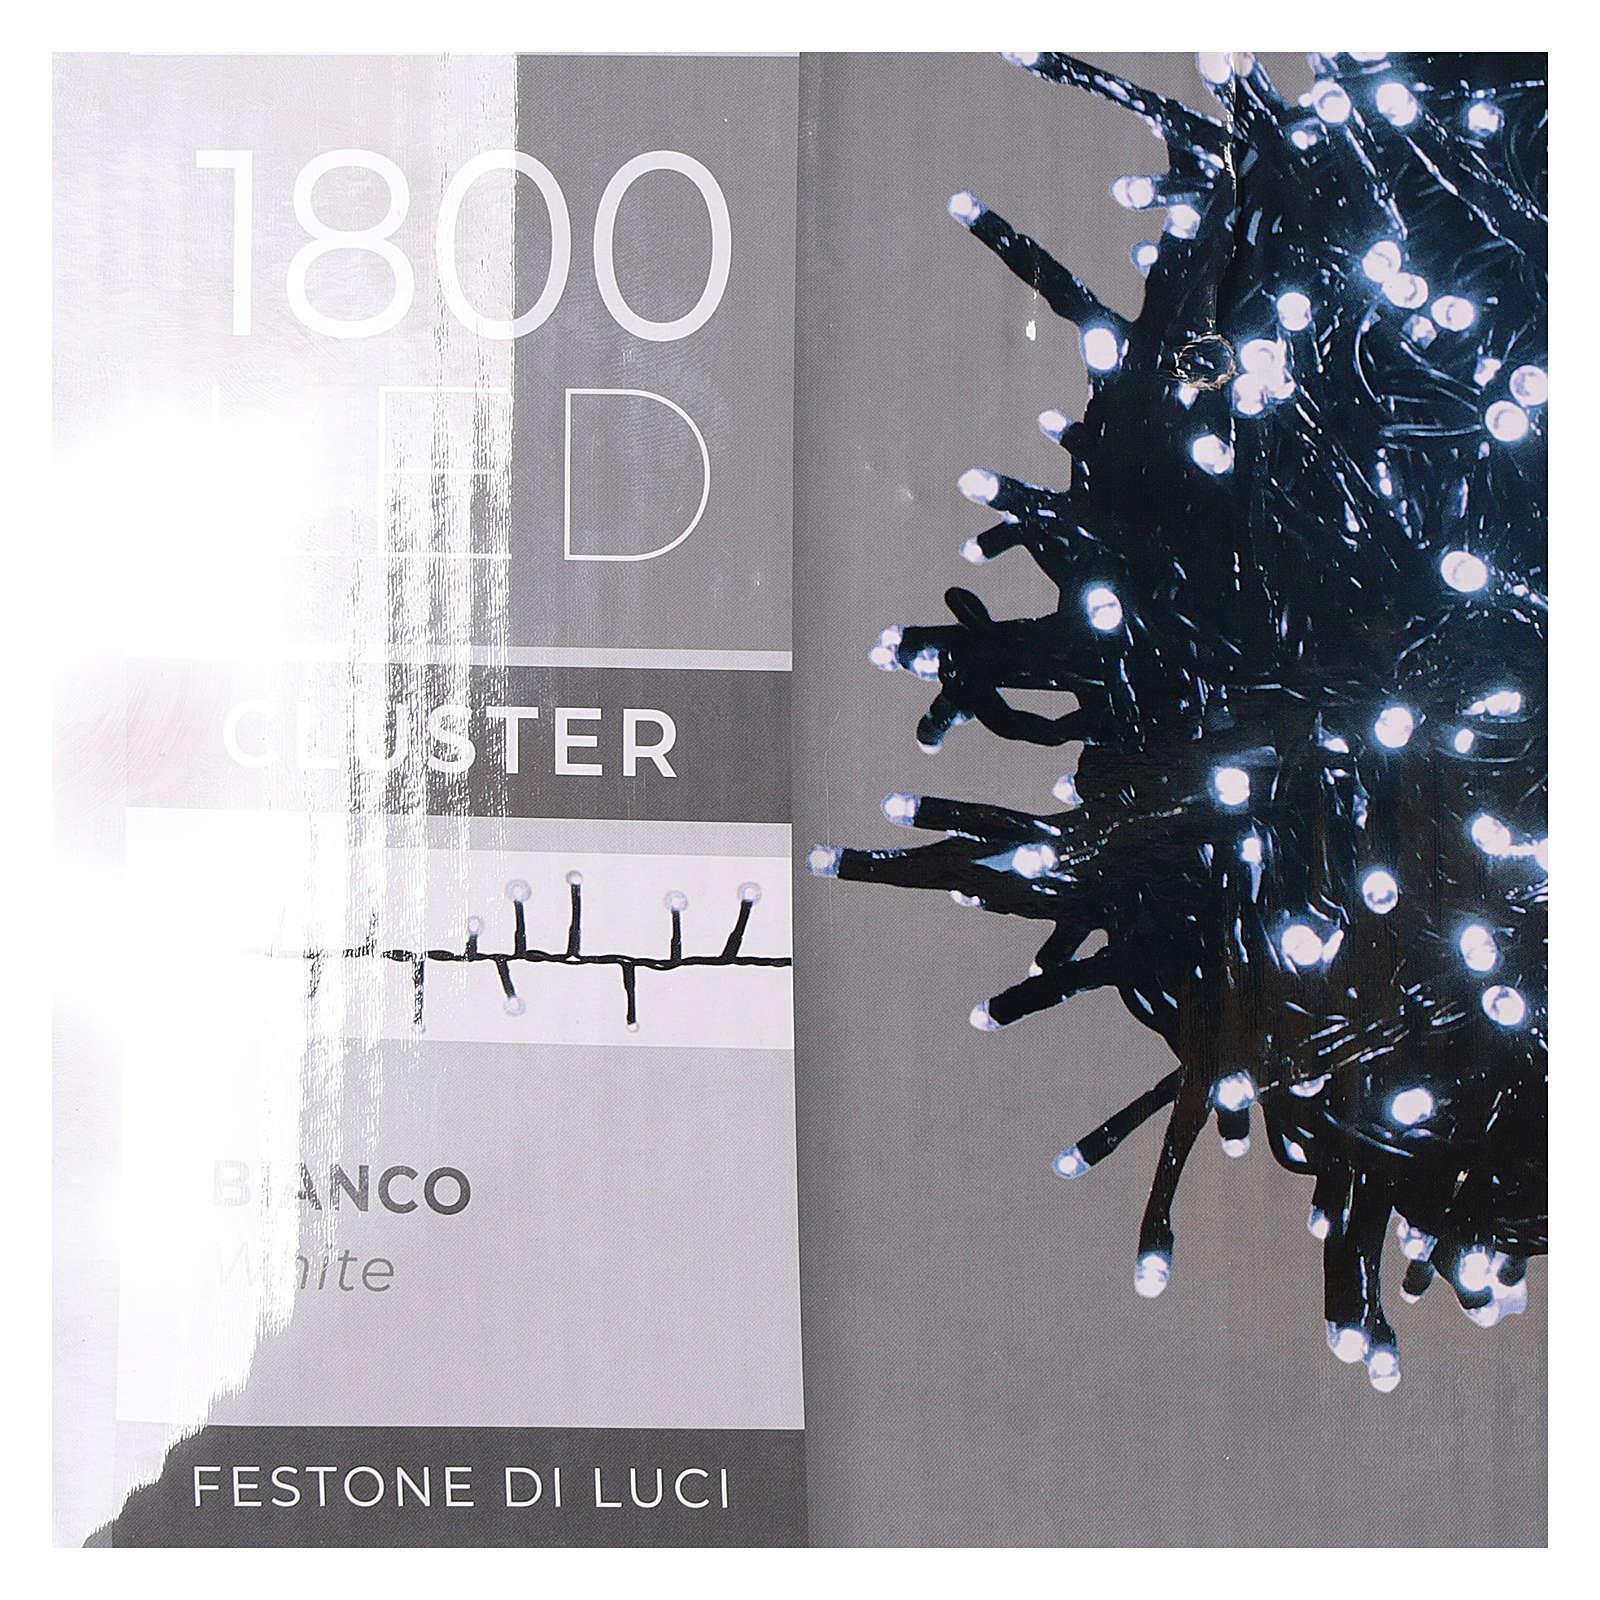 Catena luminosa 1800 led bianco freddo con giochi di luce esterno 220V 3